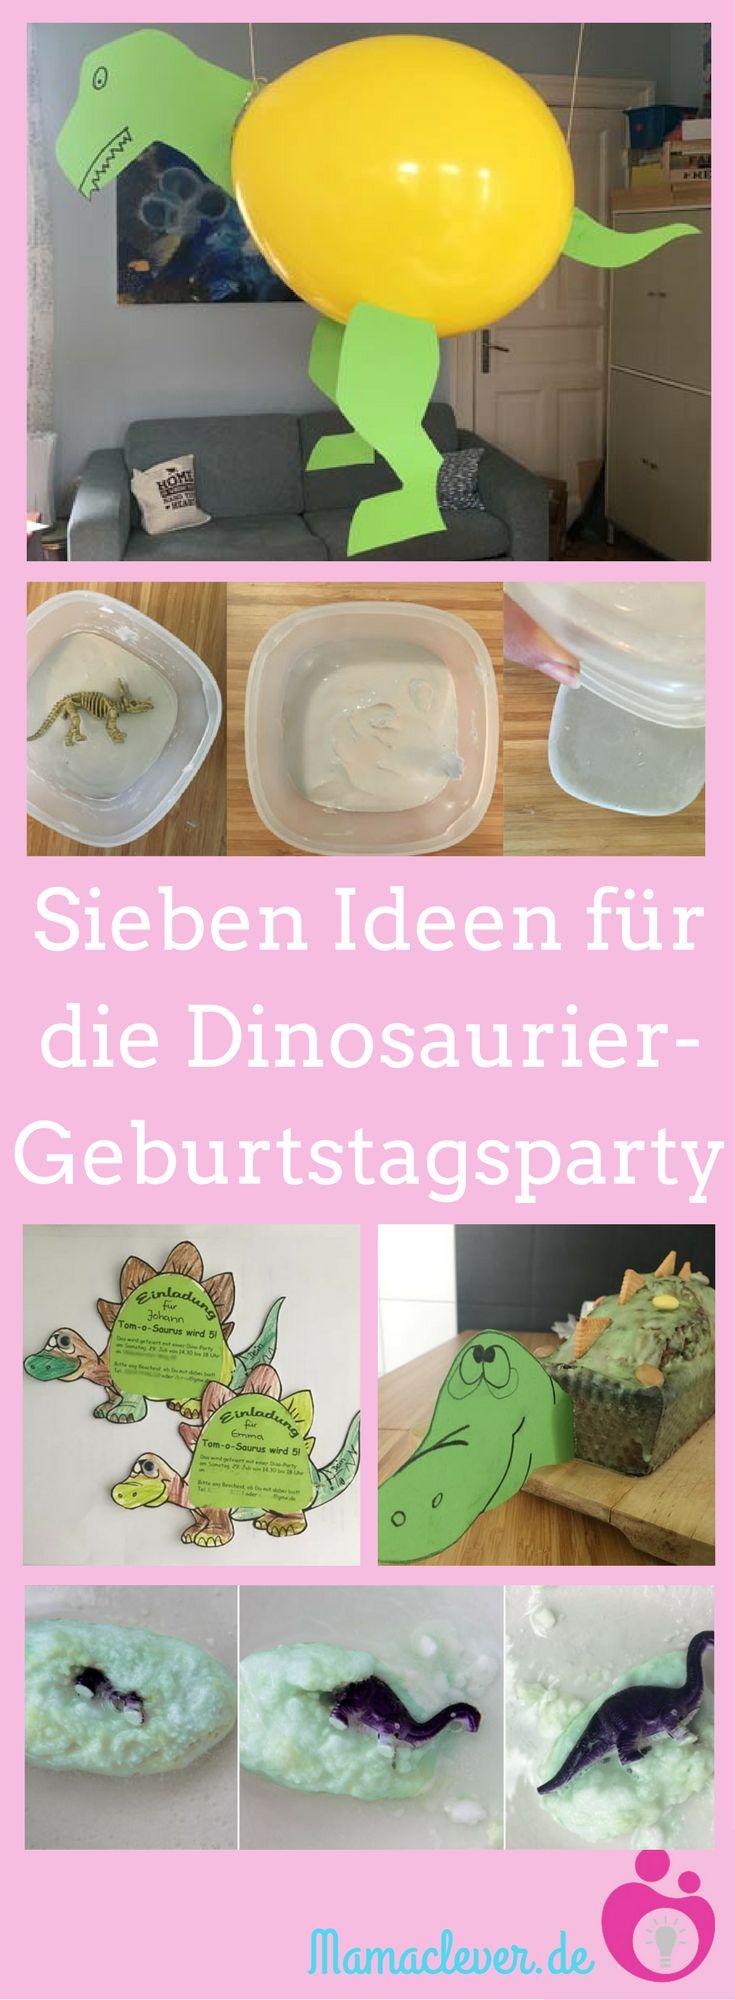 Sieben Ideen für eine Kindergeburtstagsparty zum Thema Dinosaurier. Alle ganz einfach selbst umzusetzen. #kindergeburtstag #dino #dinosaurier #dinosaurierparty